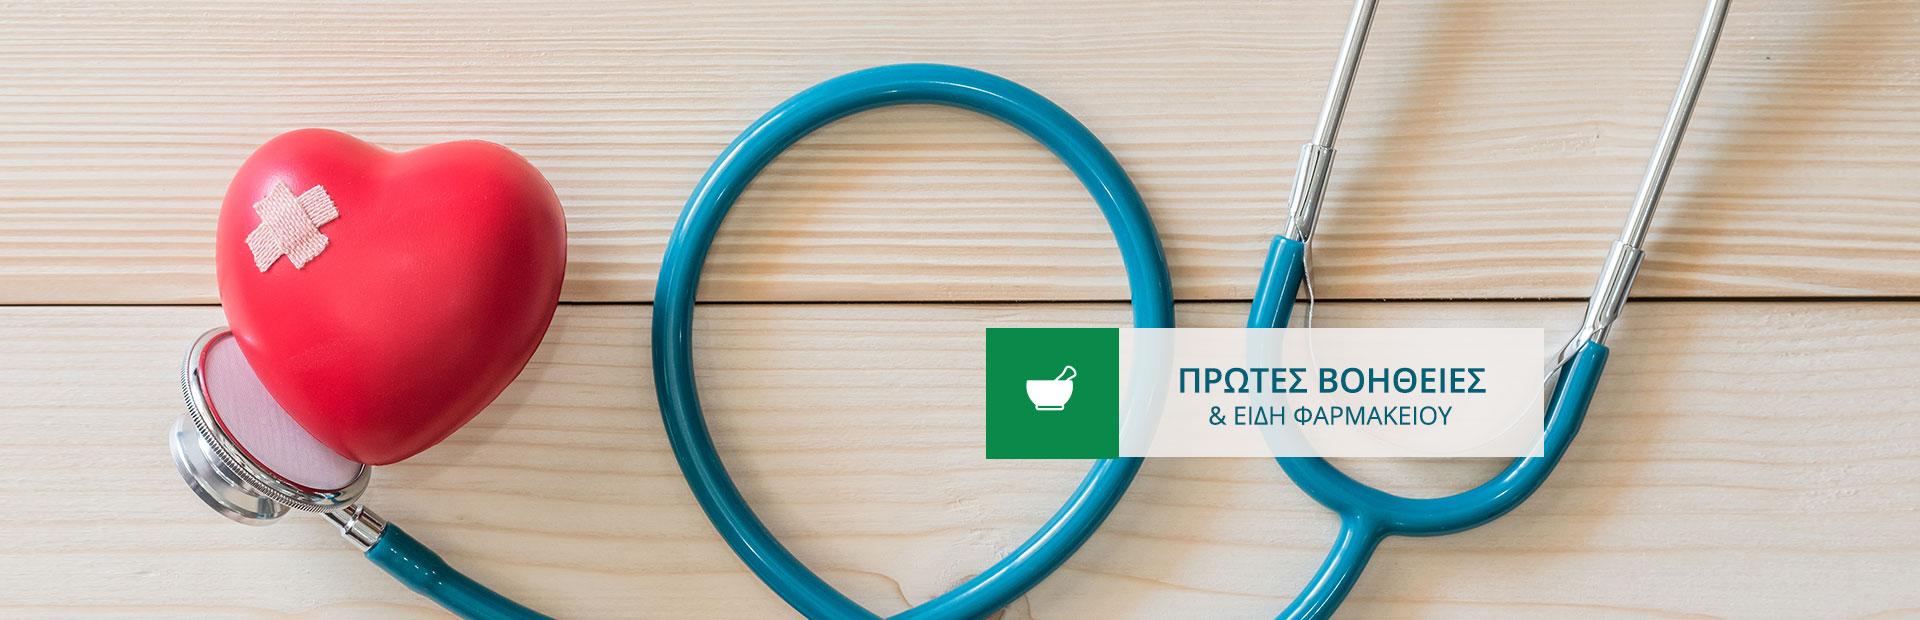 ΦΑΡΜΑΚΕΙΟ με έκπτωση έως και 83% | Smile Pharmacy